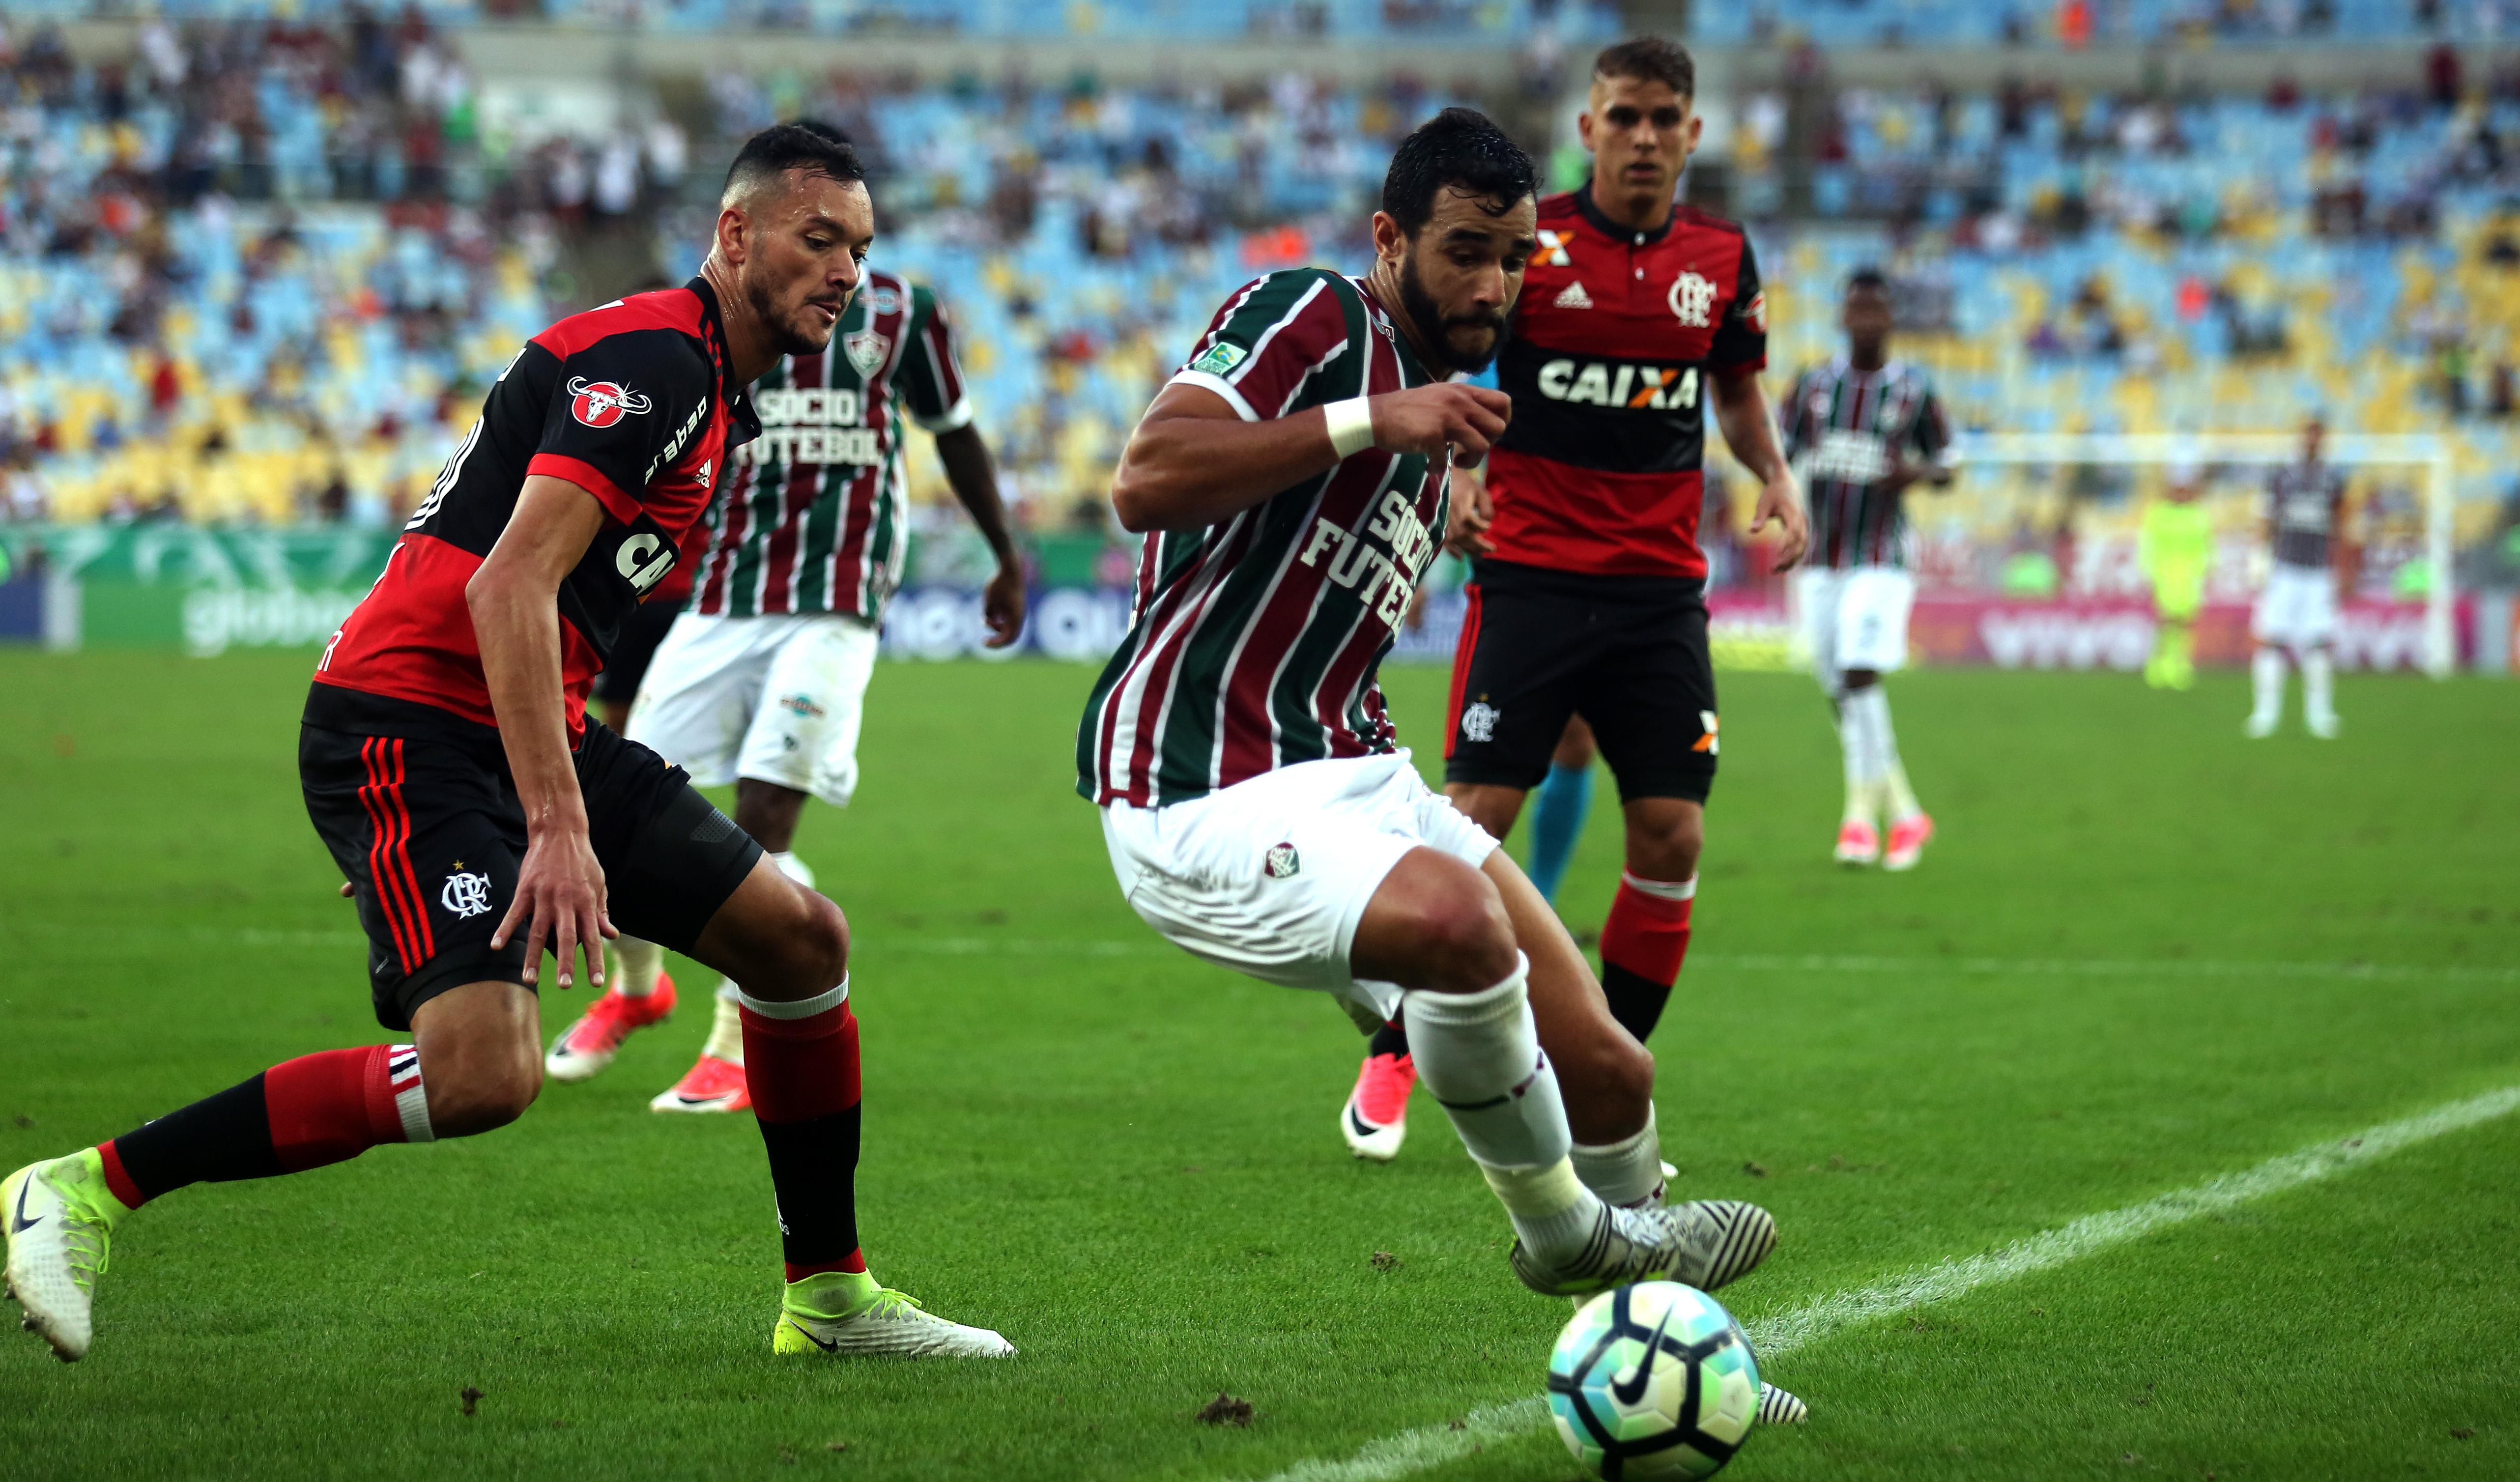 Henrique Dourado Fluminense Flamengo Brasileirão 18/06/2017